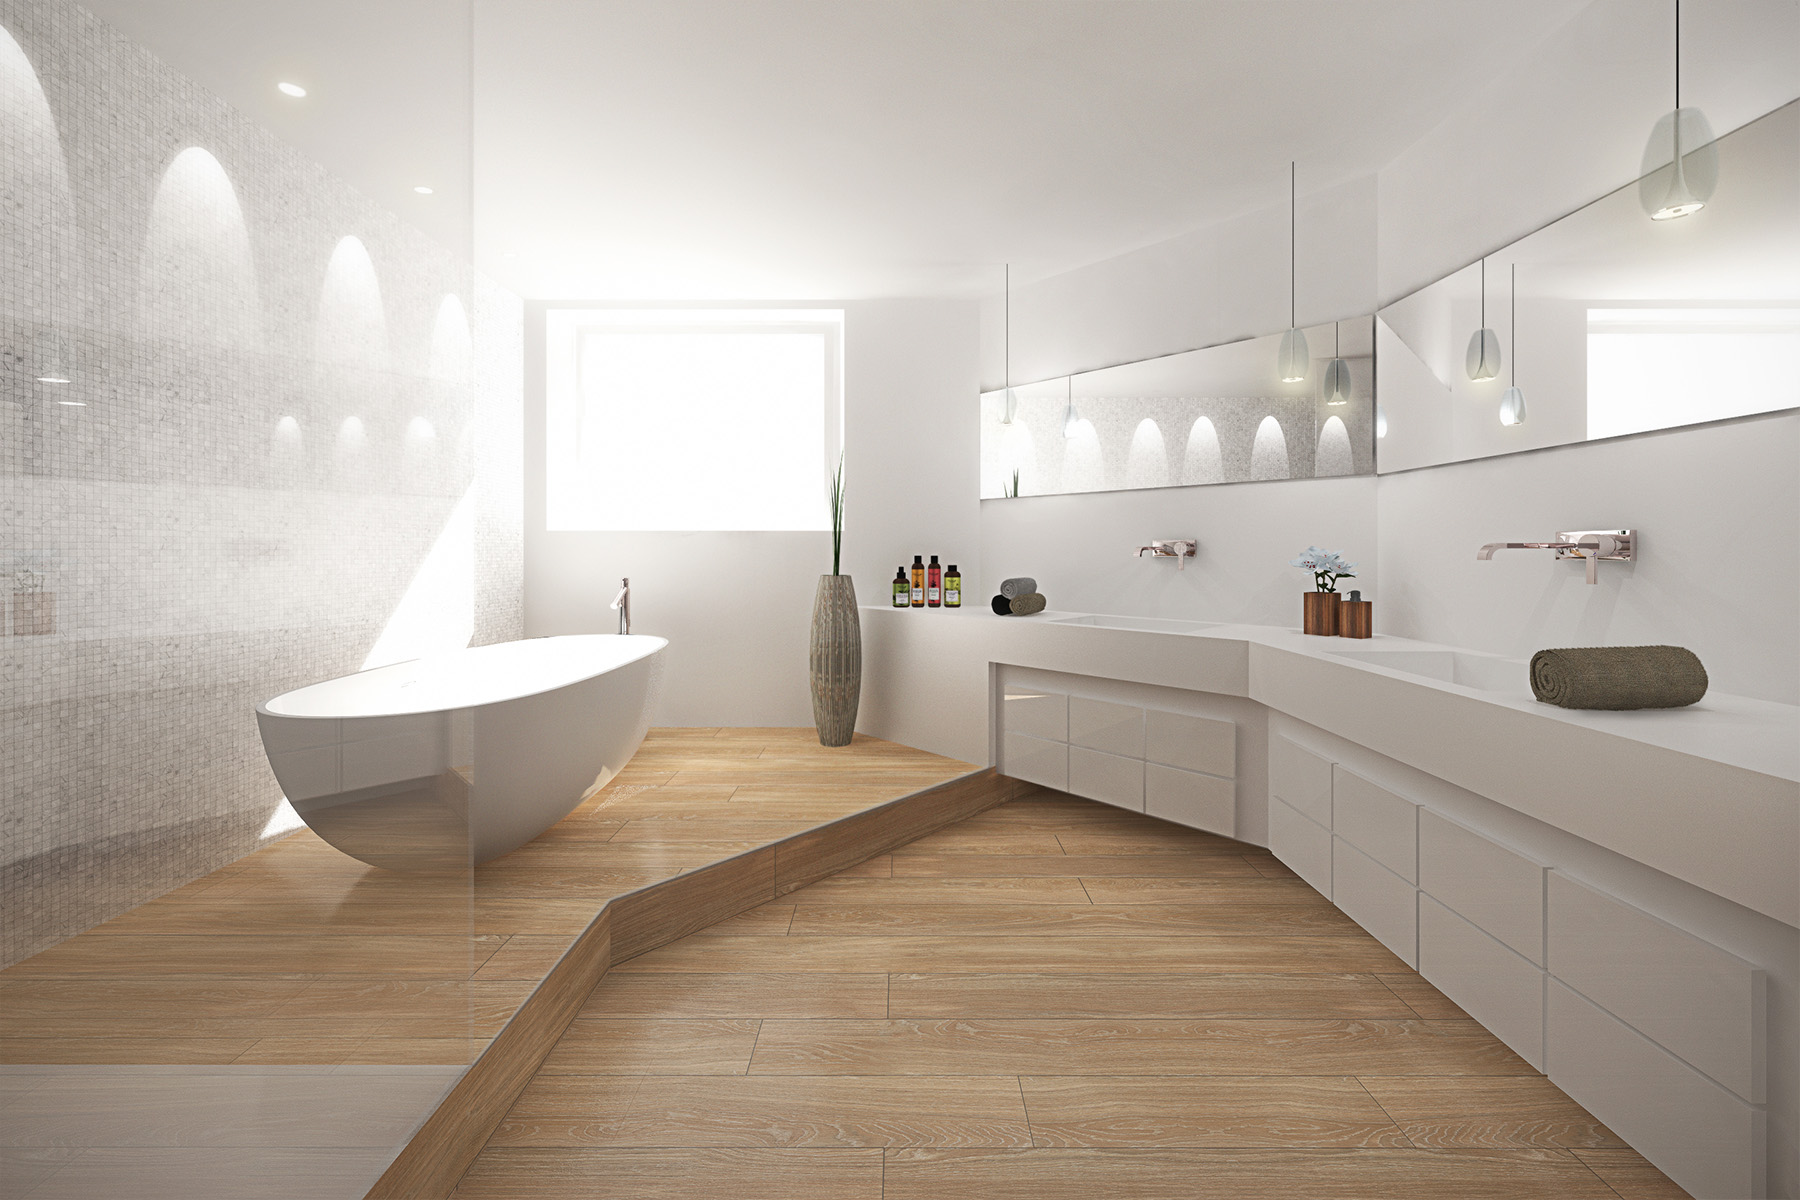 david iltis architecte mulhouse 3d salle de bain blanche